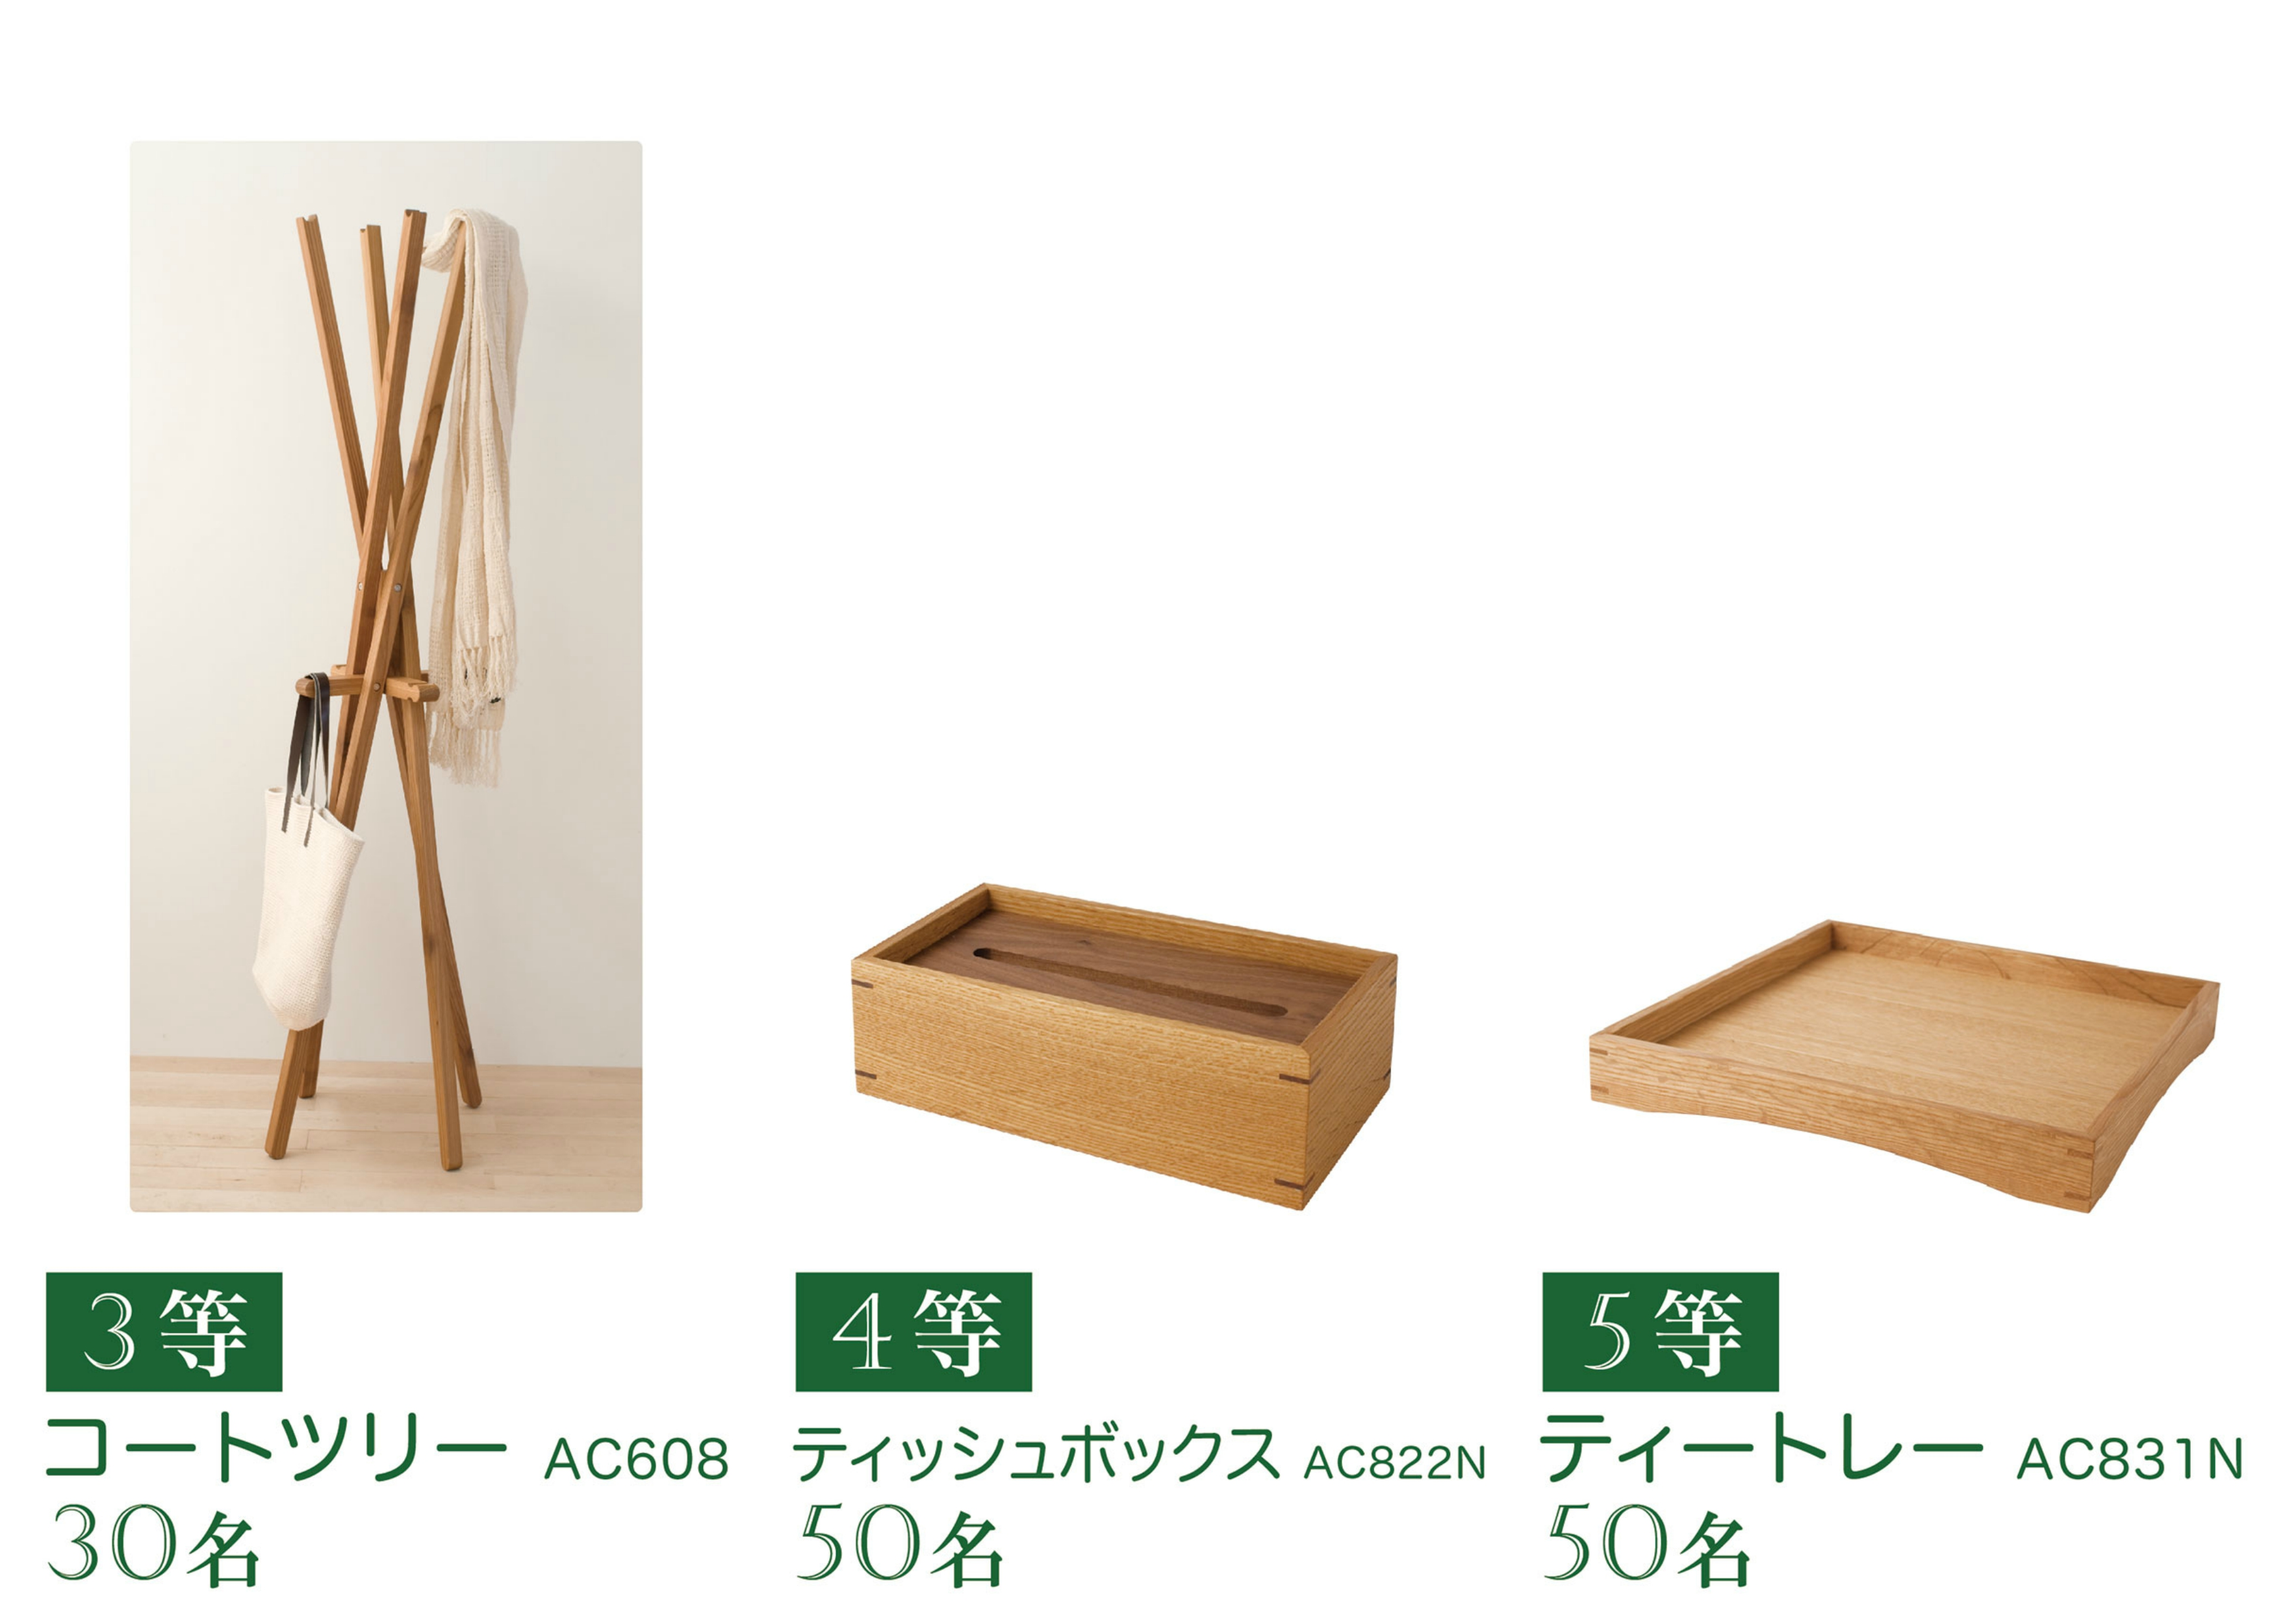 「飛騨産業」155名様にエコ商品が当たるキャンペーン!!【6/1~7/31】